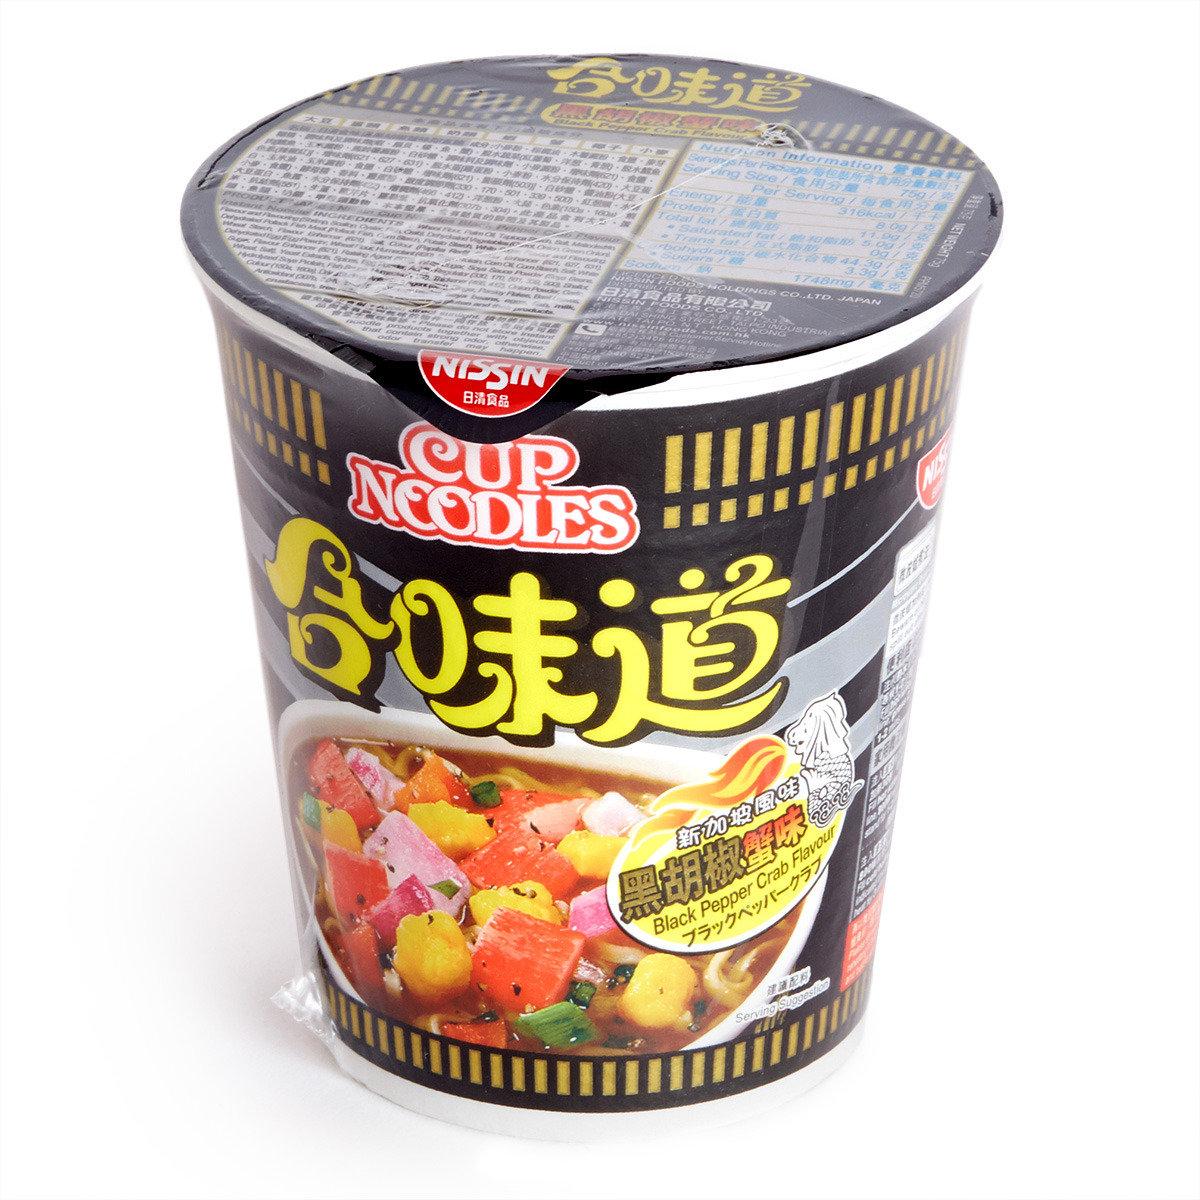 合味道 杯麵 - 黑胡椒蟹味